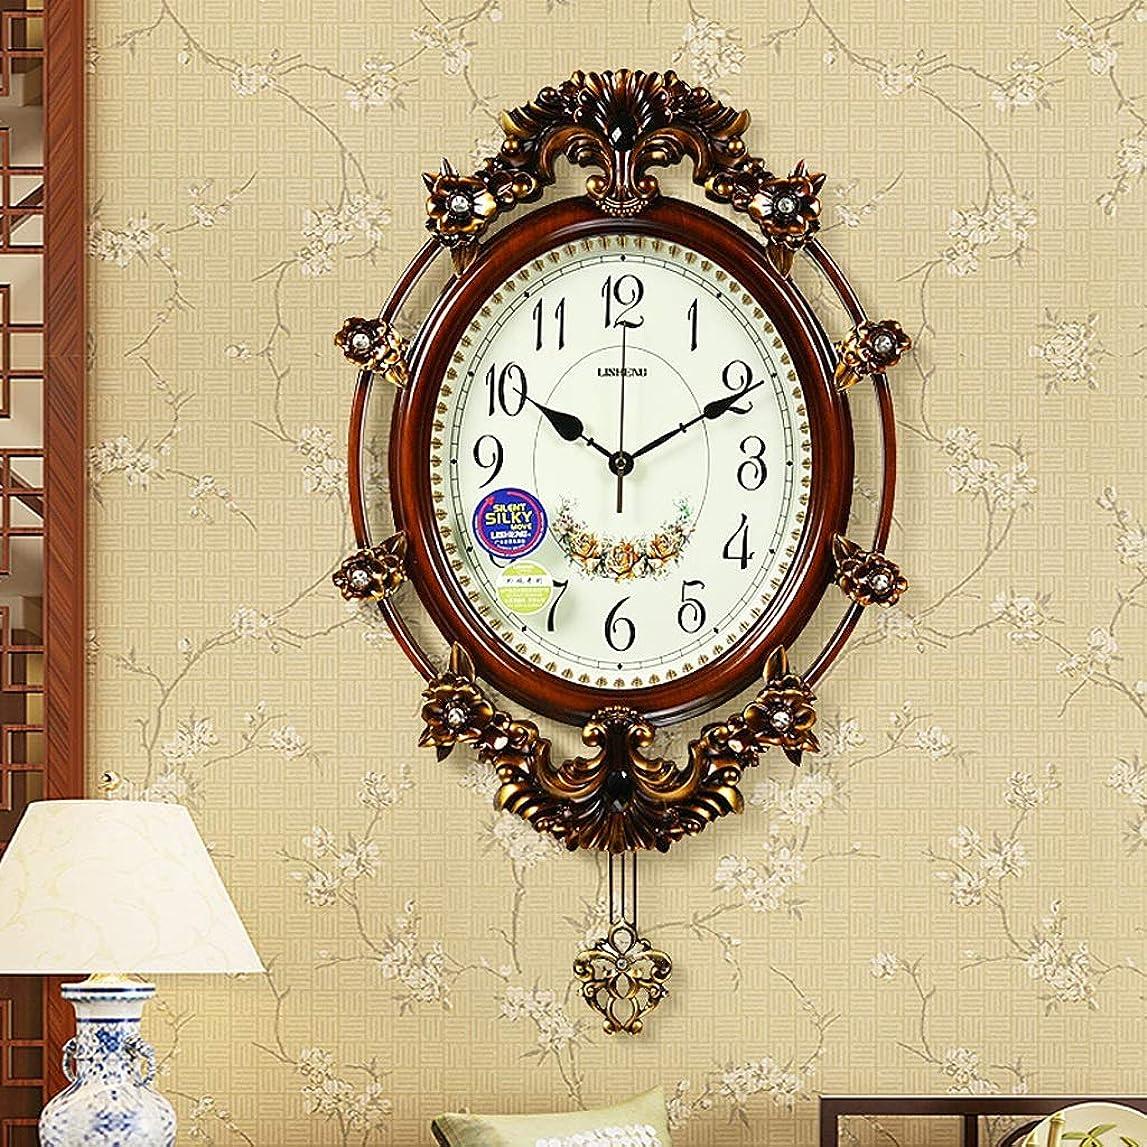 暗殺する交通胴体壁時計ミュートリビングルームホームレトロ大振り子時計クリエイティブガーデンクォーツ時計 SHWSM (Color : B)